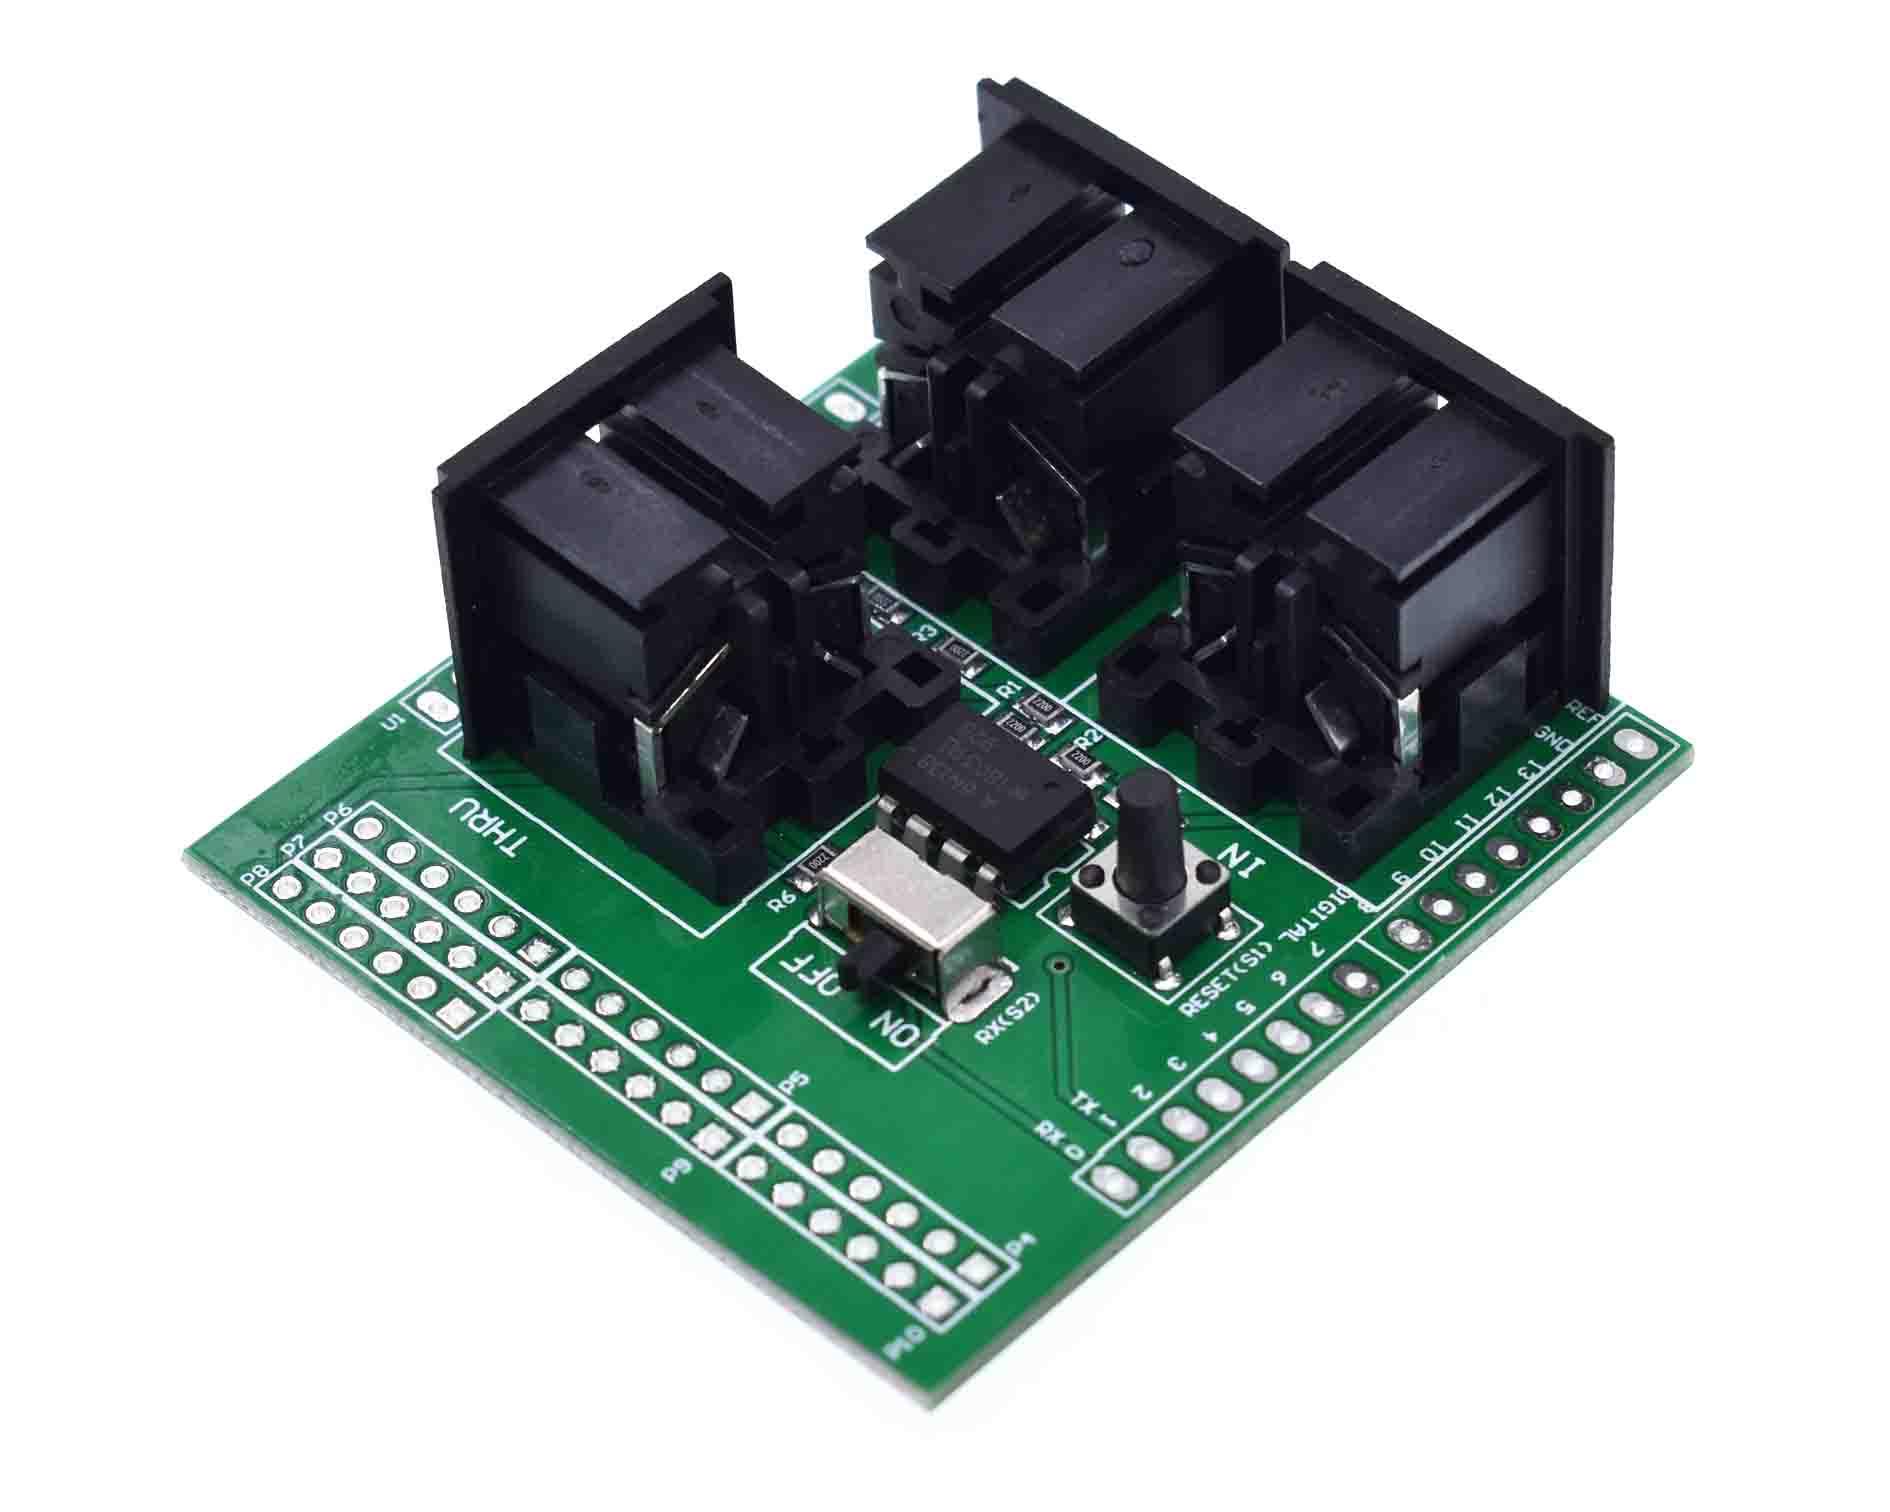 Миди-щит музыкальная коммутационная плата инструмент цифровой интерфейс адаптер пластина для совместимого модуля адаптера Arduino